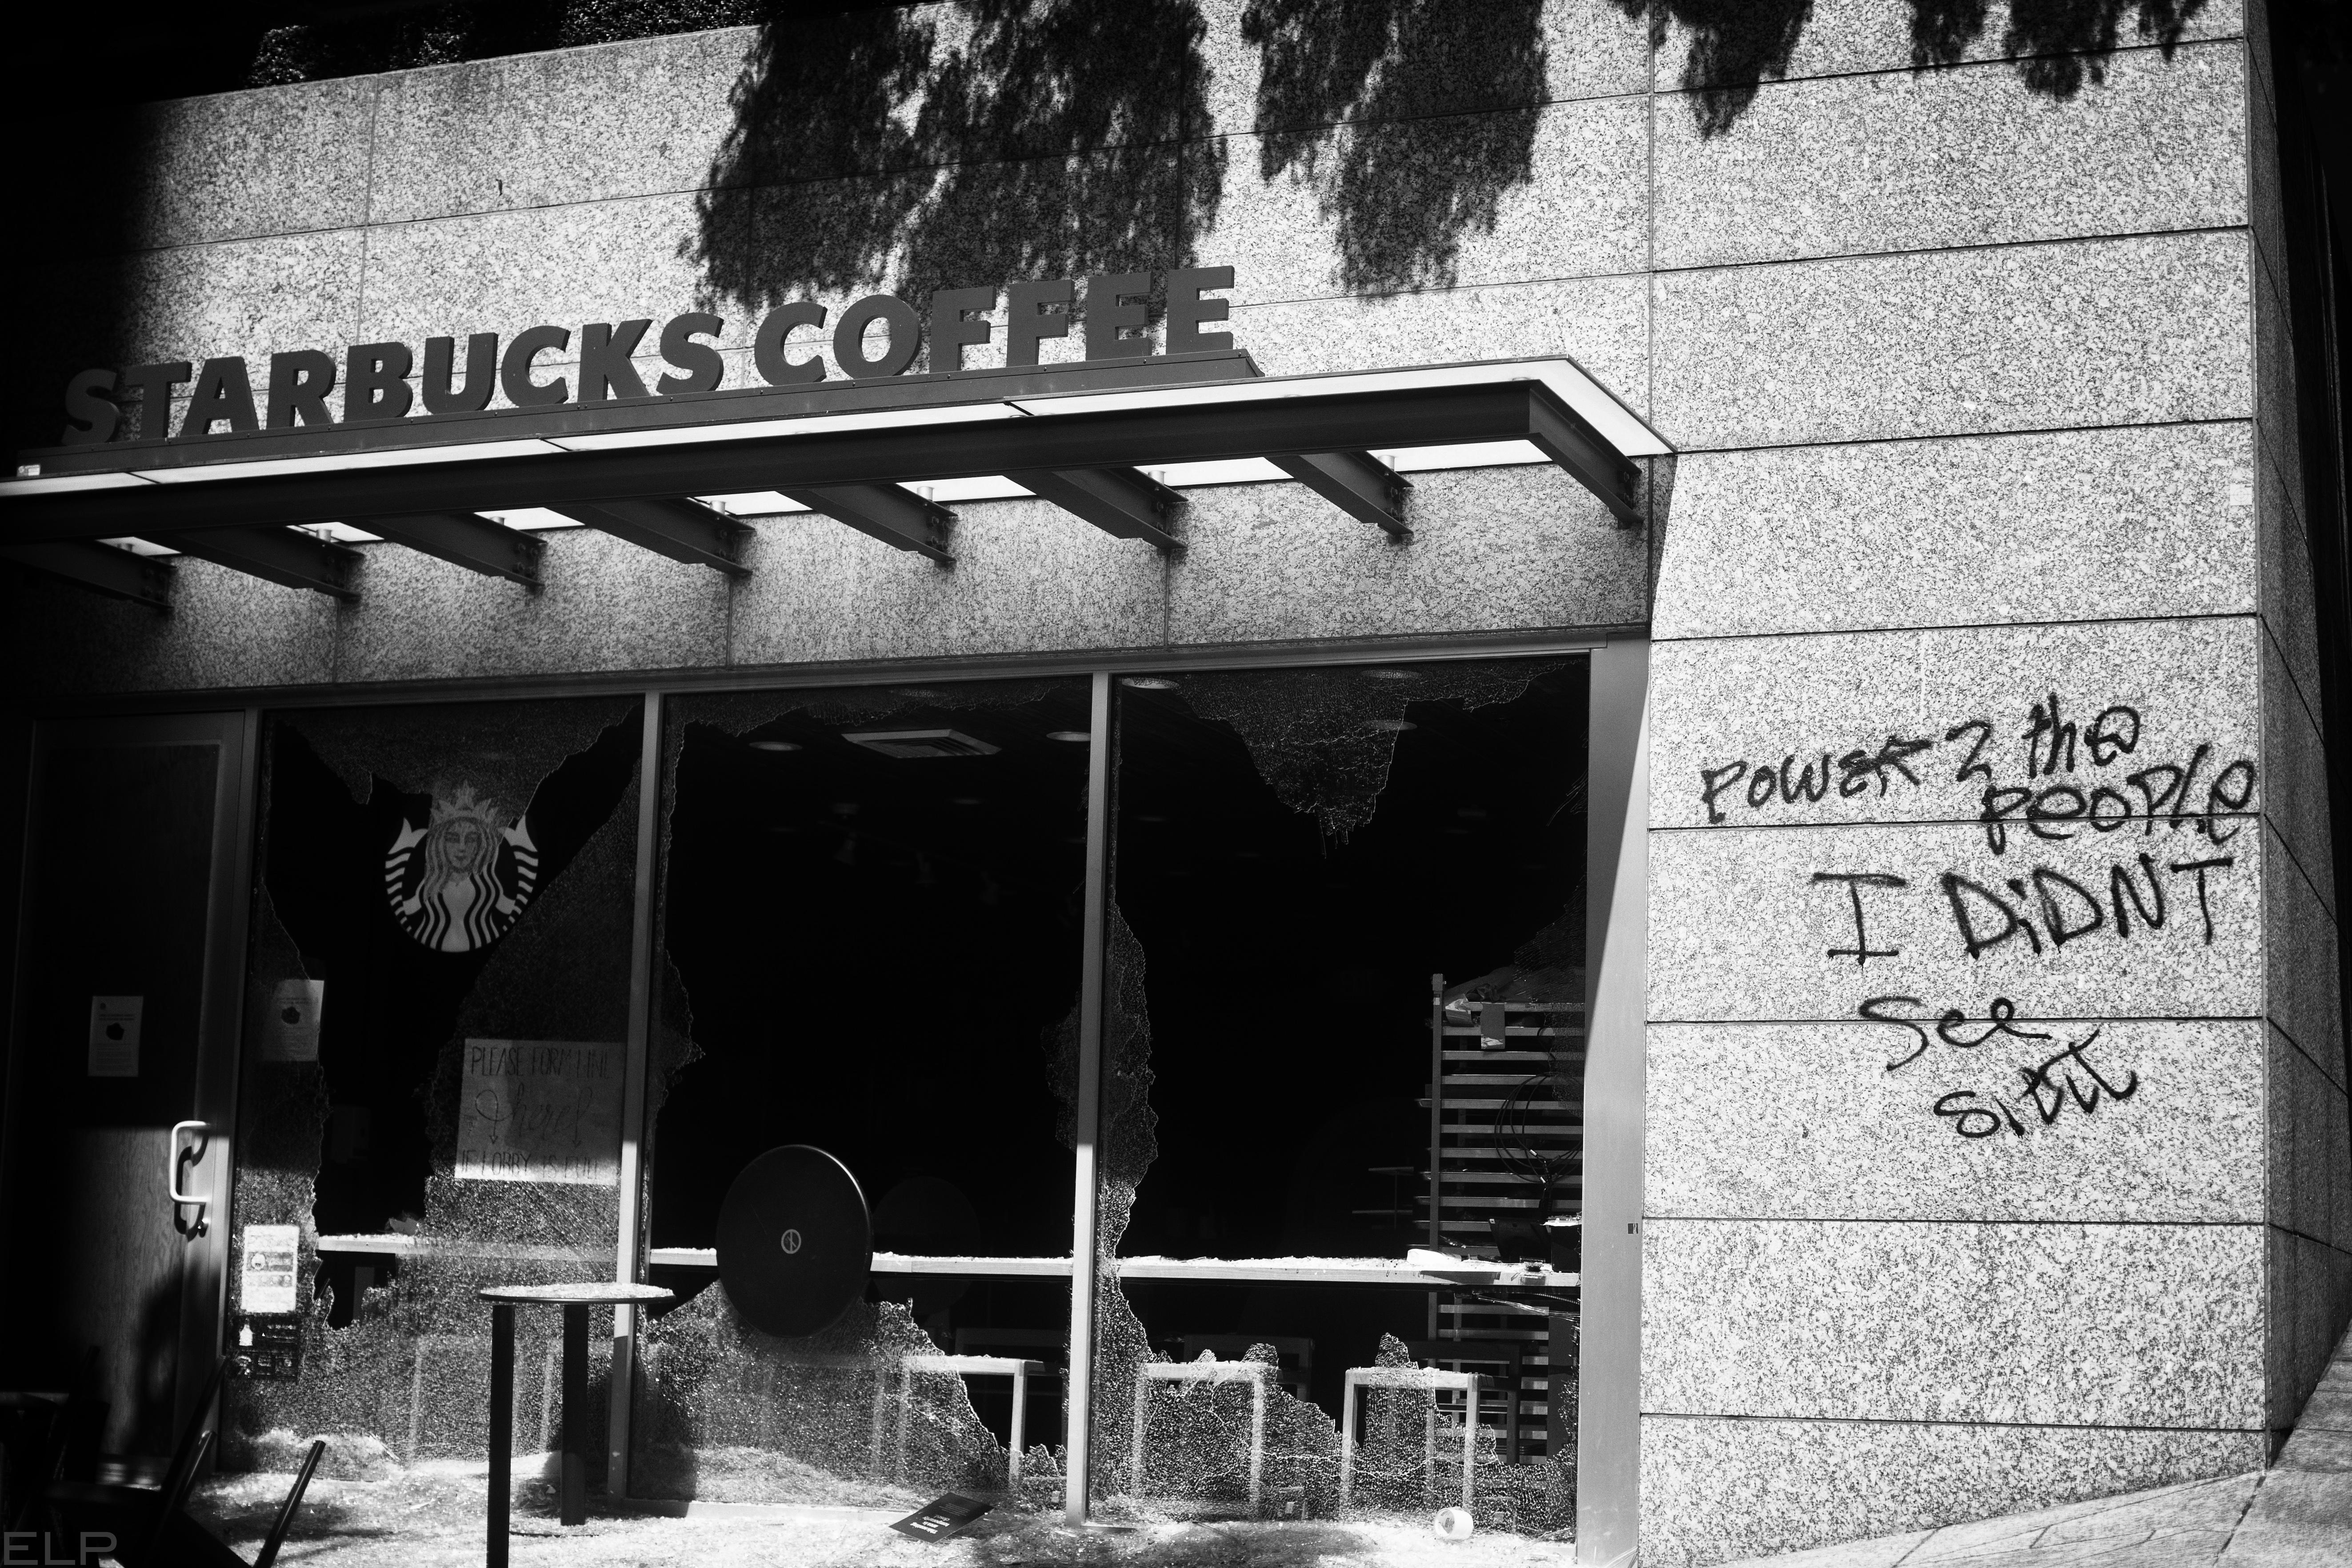 Starbucks broken storefront